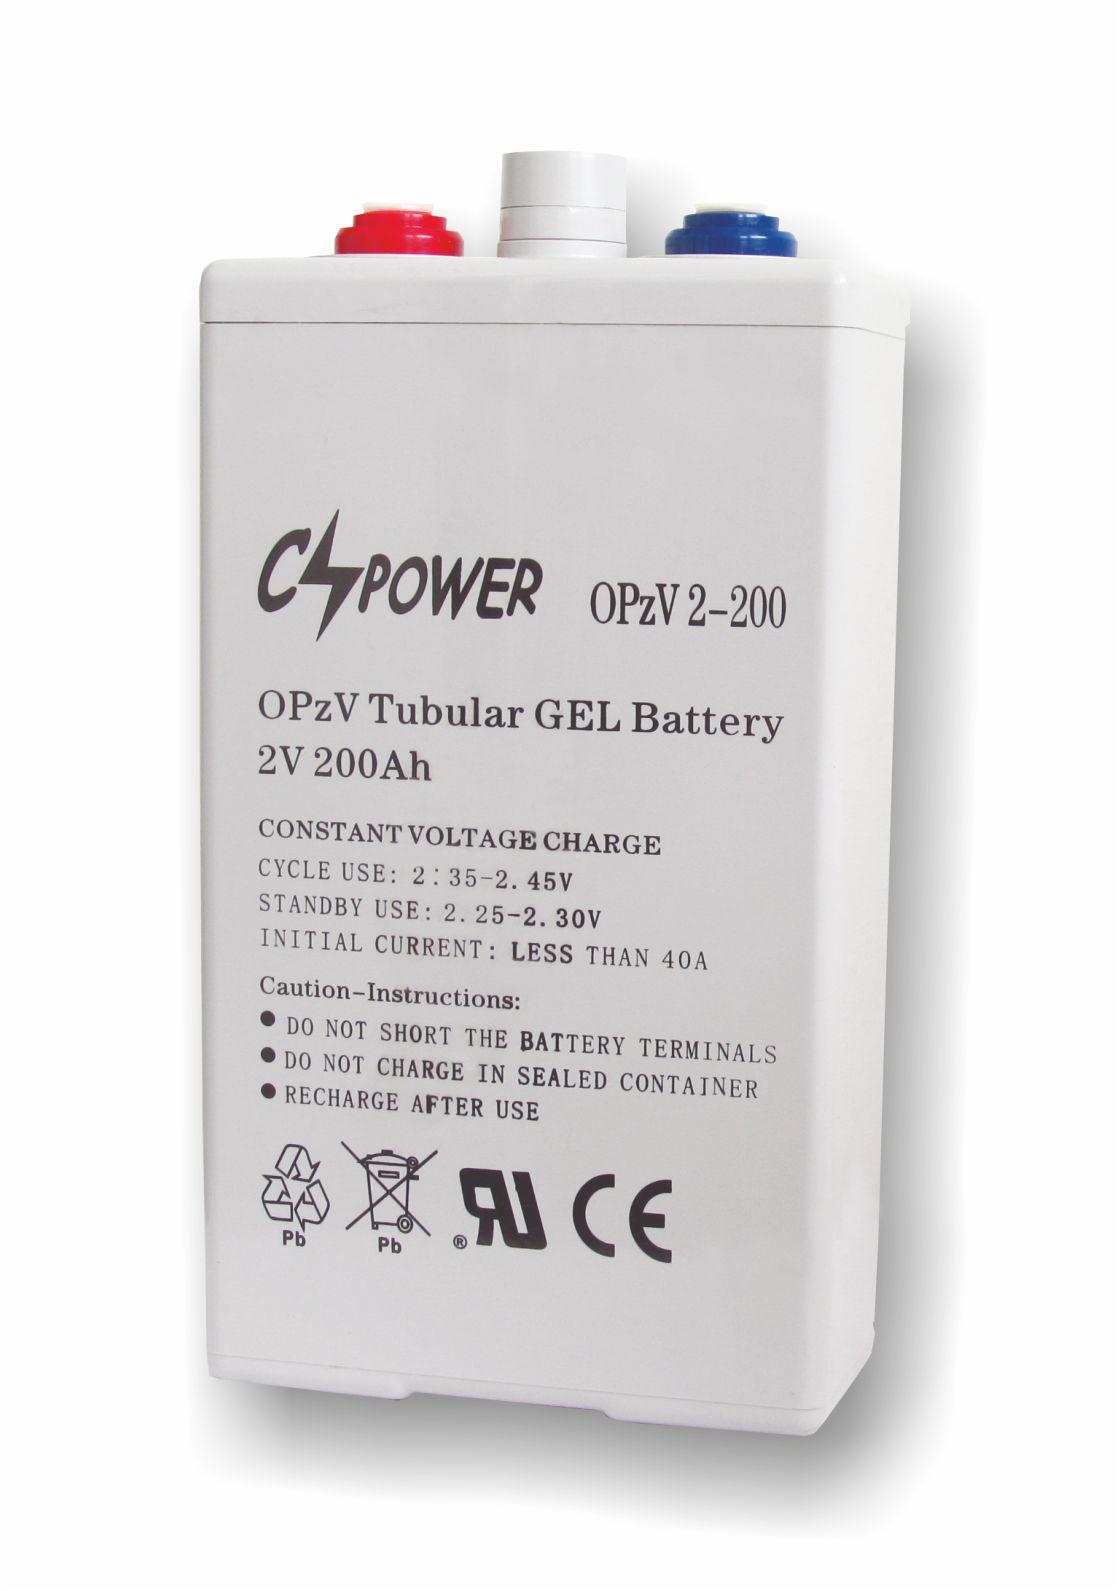 CS Power OVzV 2-200